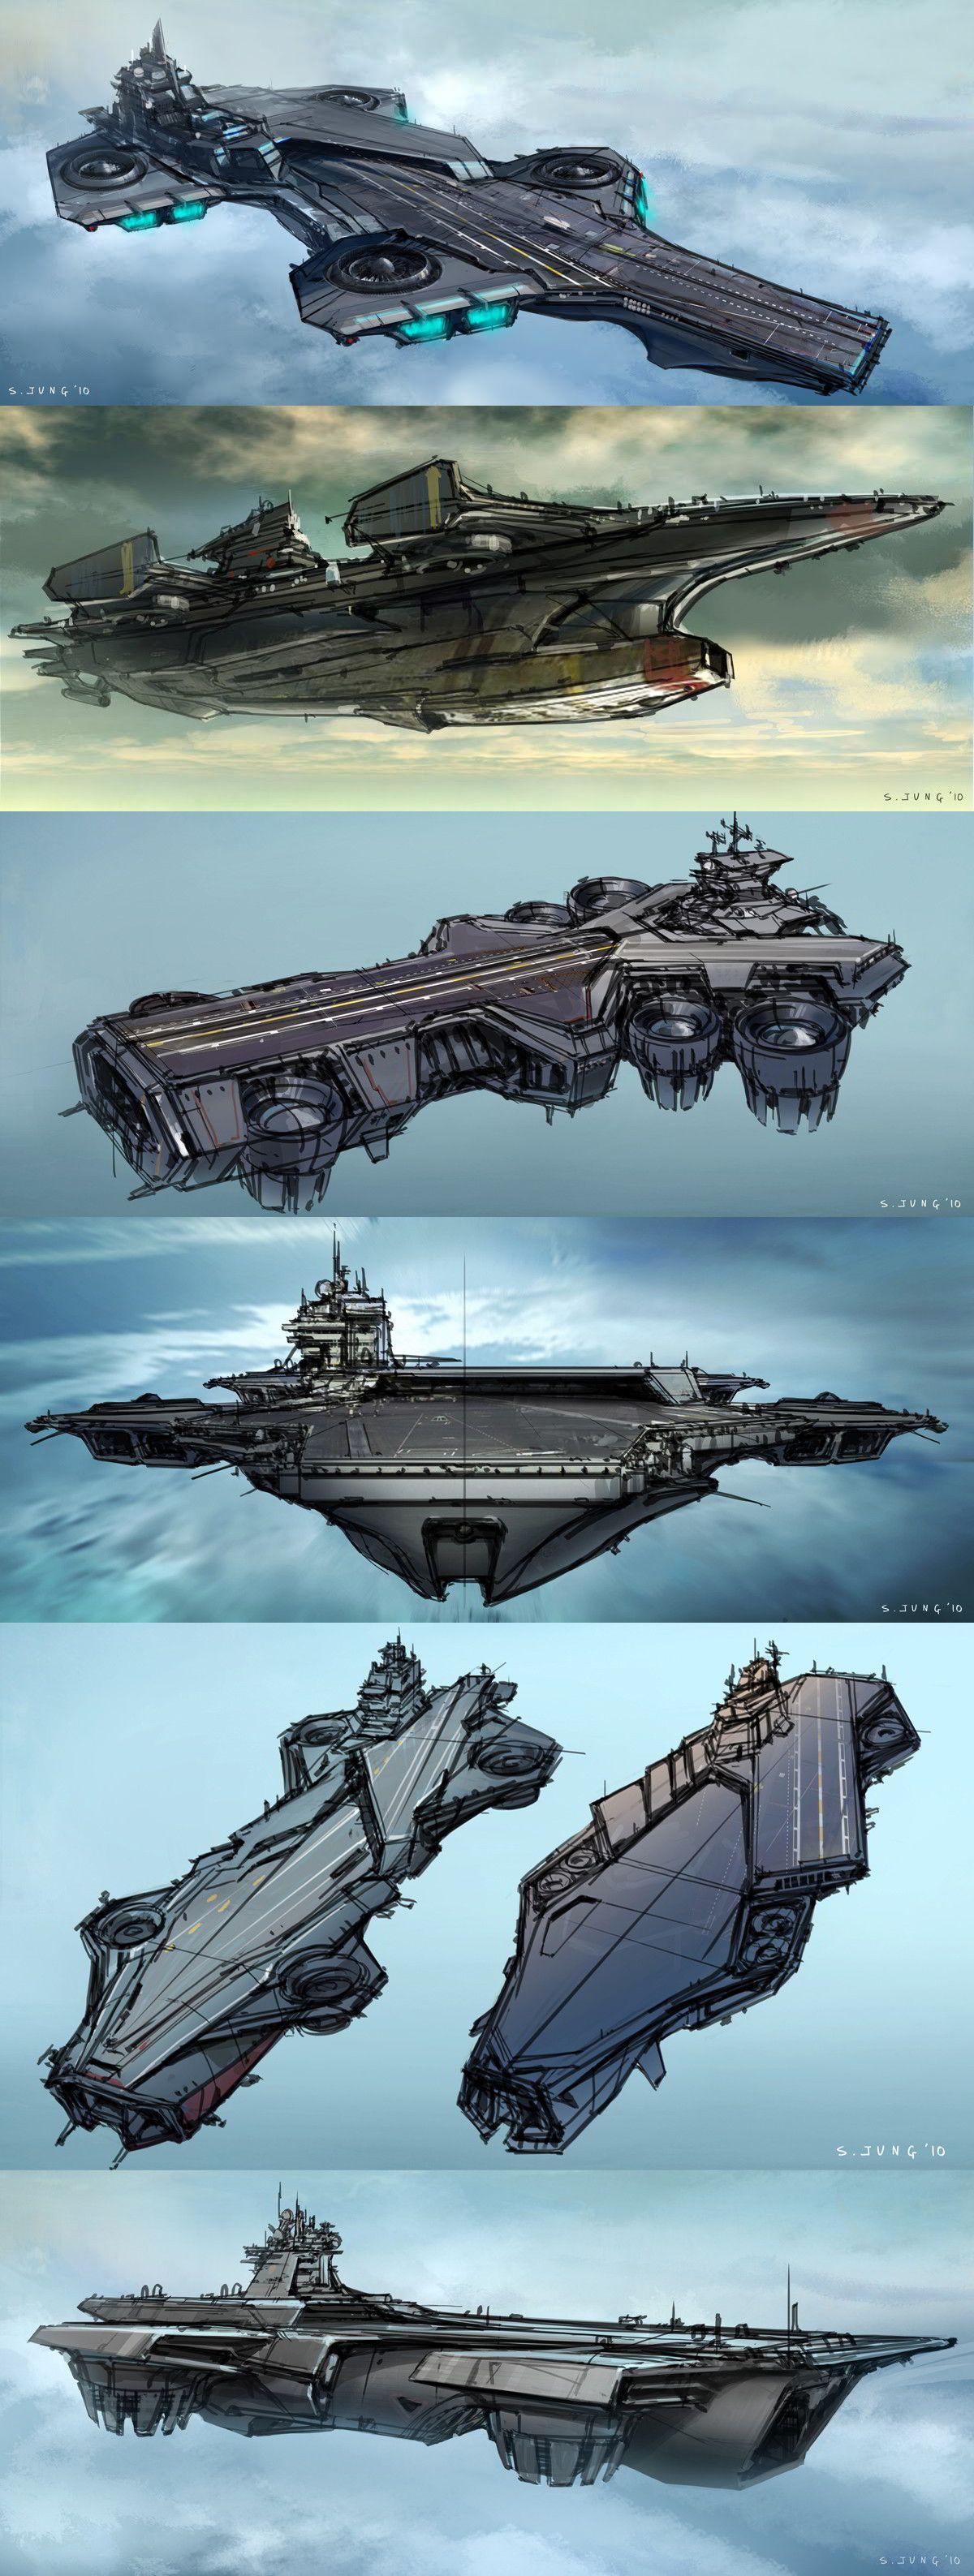 중고렙 순양함 /모함 Helicarrier designs, by Steve Jung || The Avengers || 736px × 1,947px || #conceptart